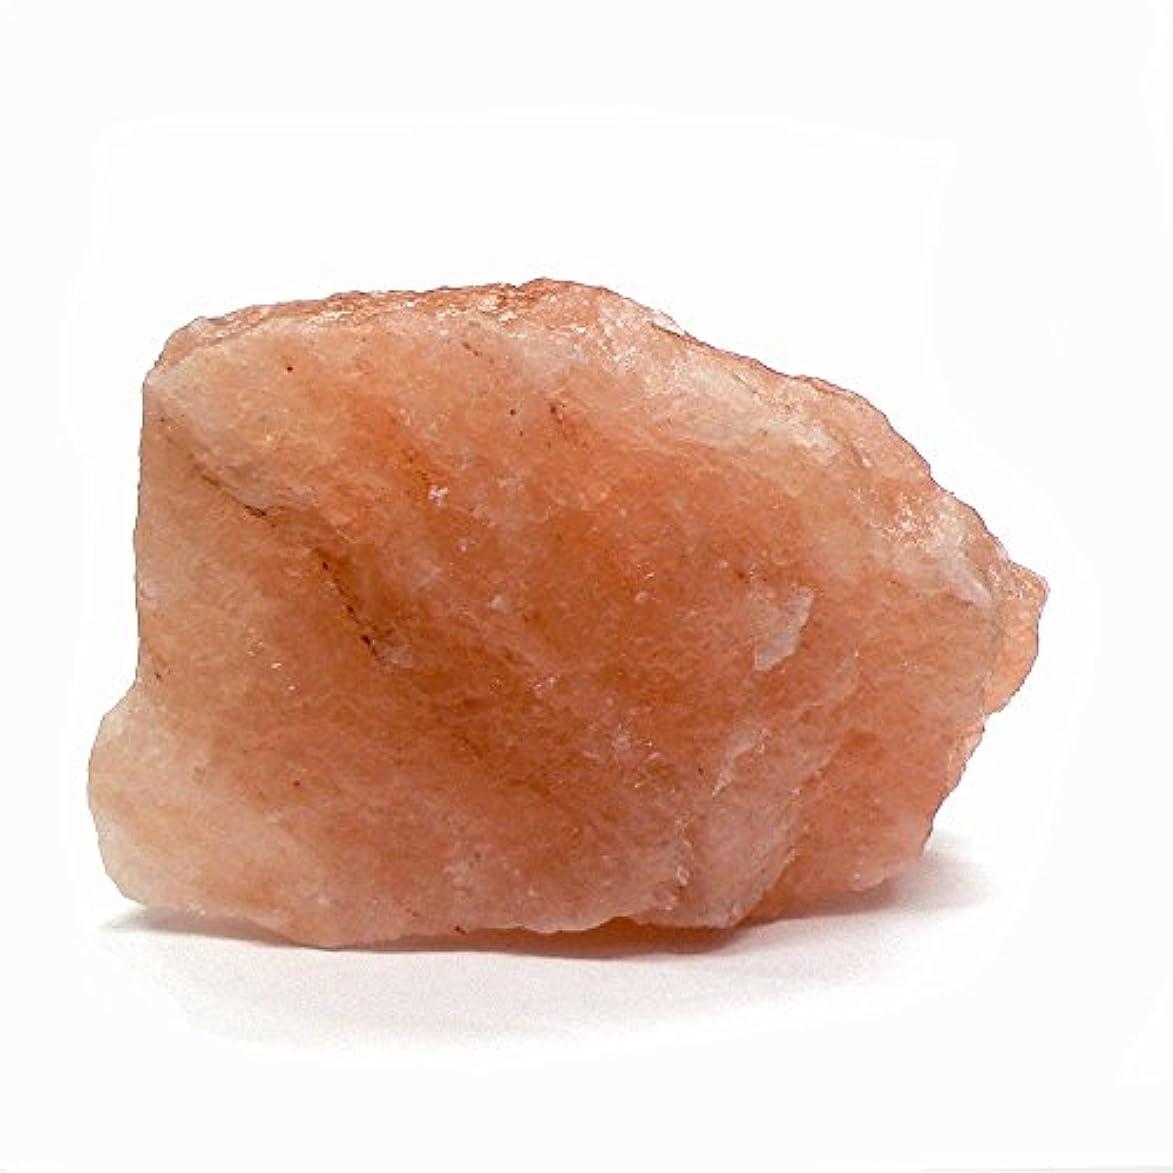 余剰モネカストディアンヒマラヤ岩塩 ピンク岩塩 ピンクソルト 塊り(洗浄済)55 岩塩塊